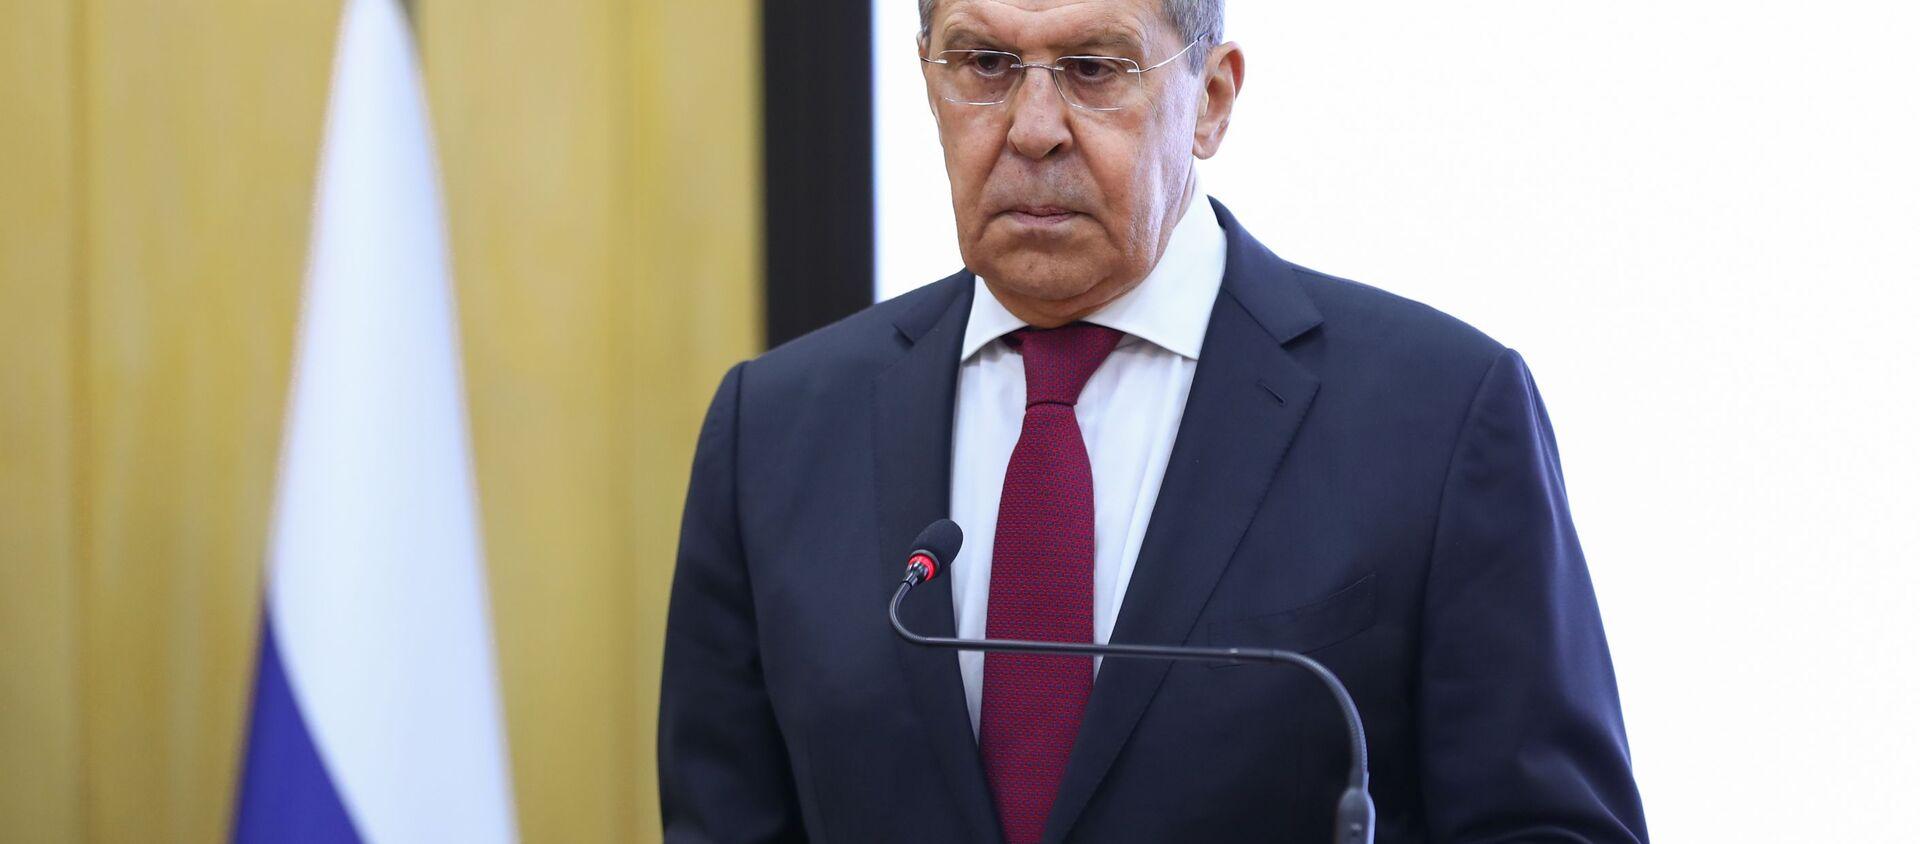 Bộ trưởng Ngoại giao Nga Sergei Lavrov. - Sputnik Việt Nam, 1920, 23.07.2021